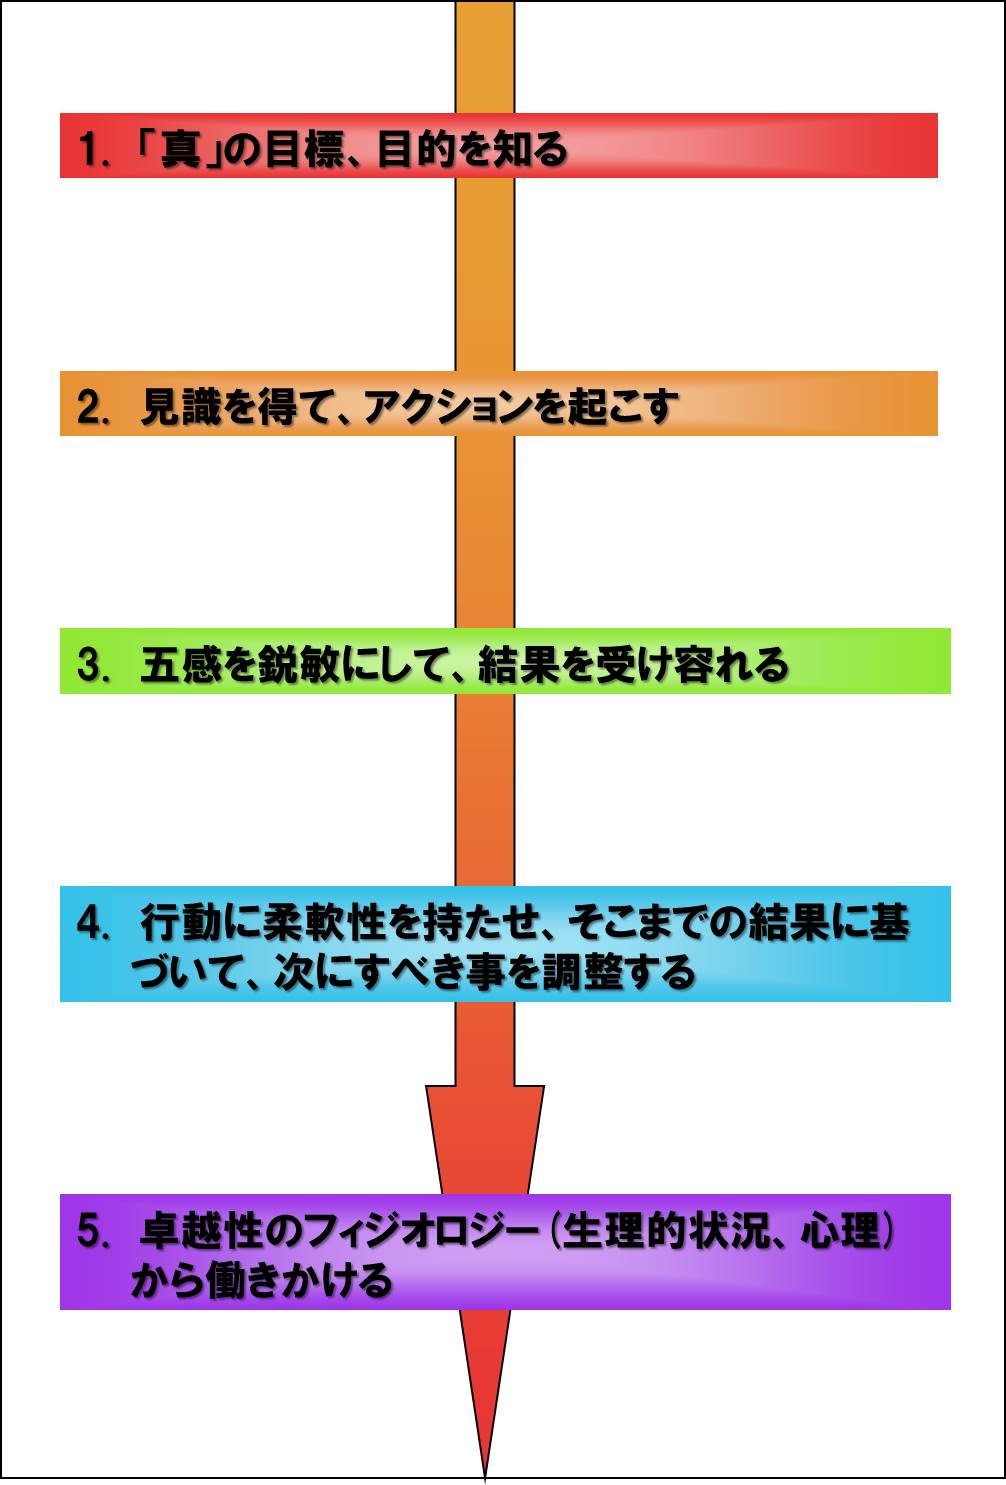 成功する五つの要素、ステップ